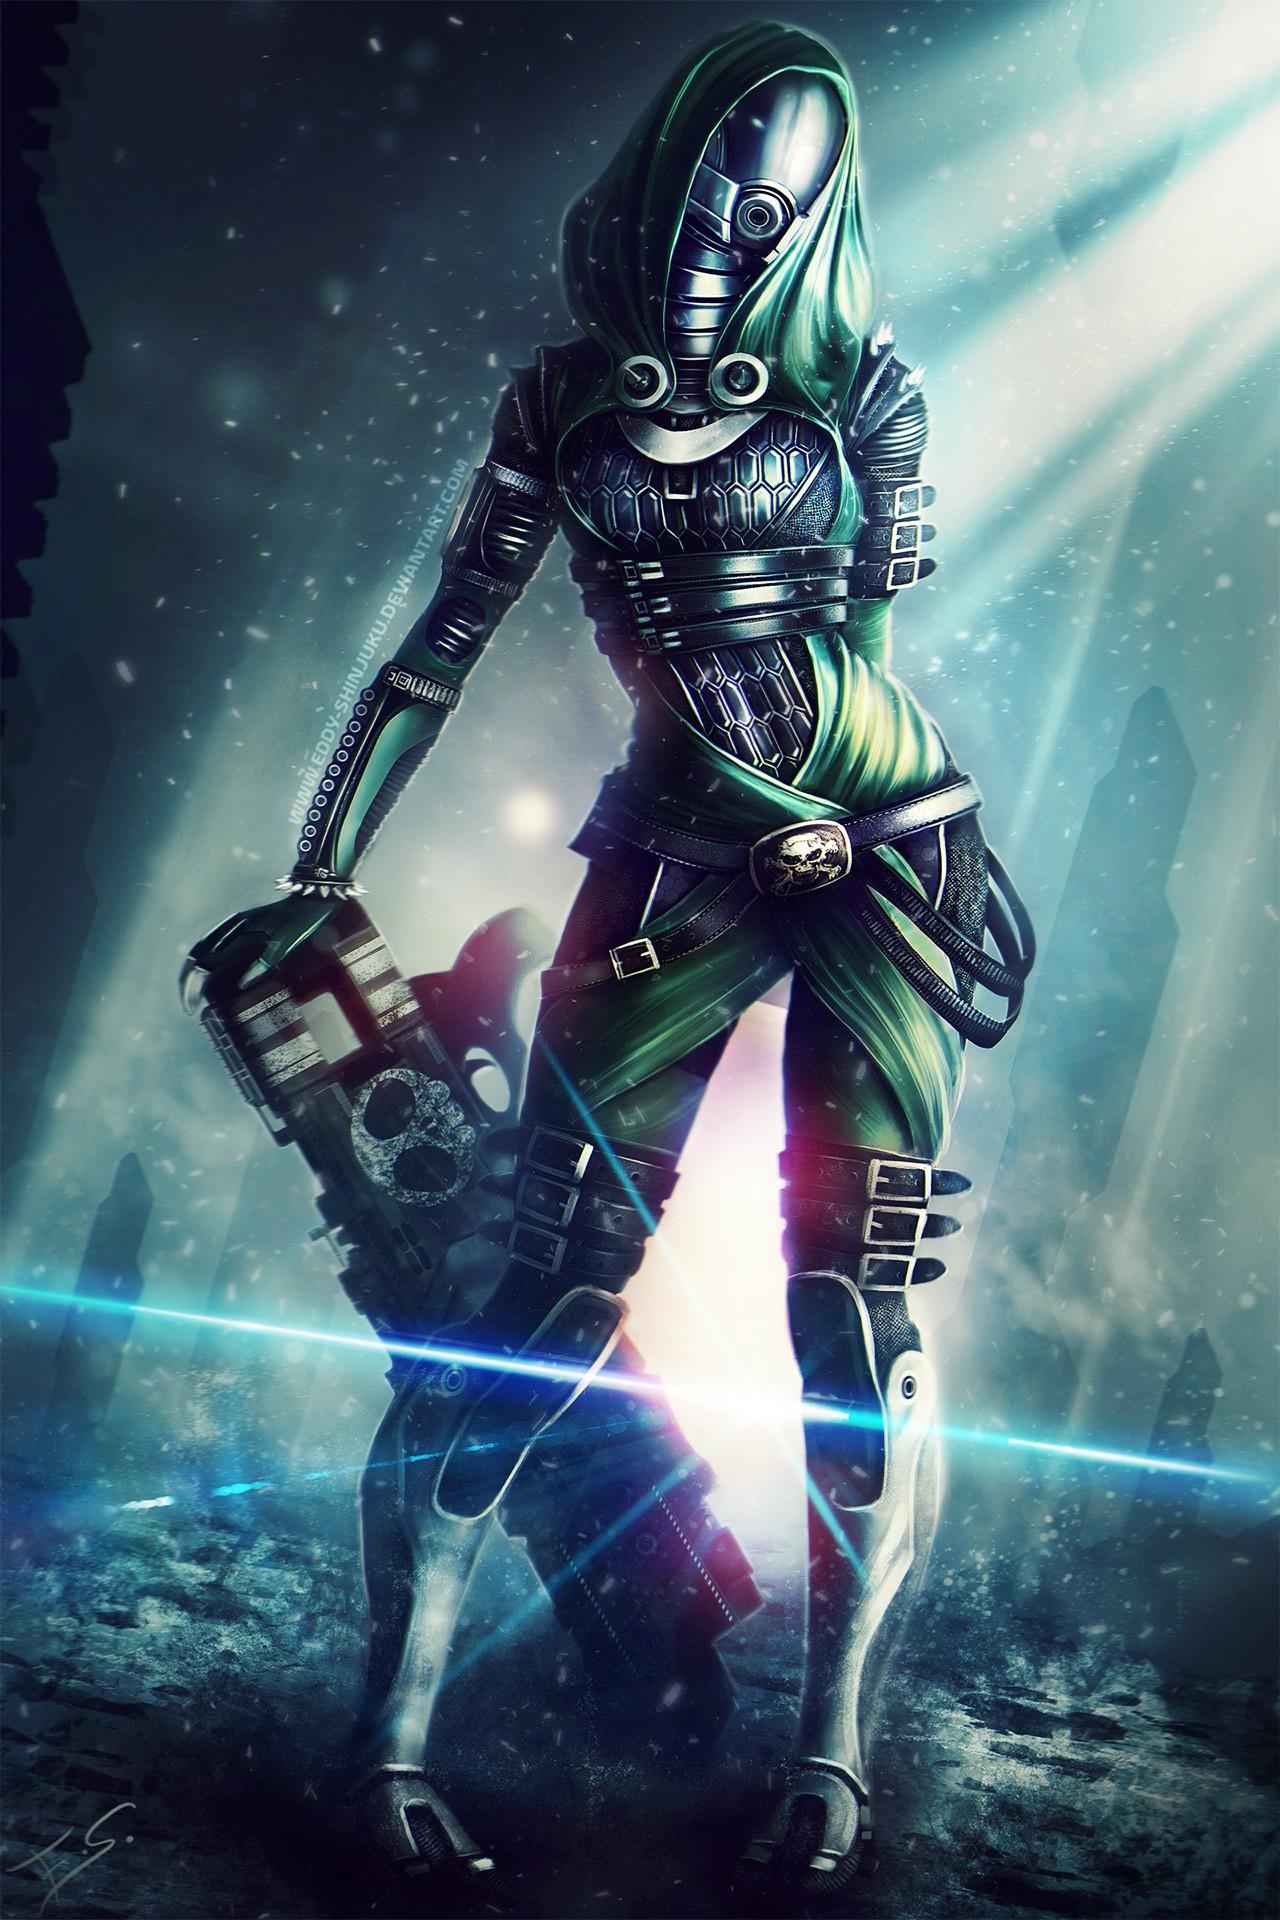 Wallpaper Illustration Mass Effect Mass Effect 3 Tali